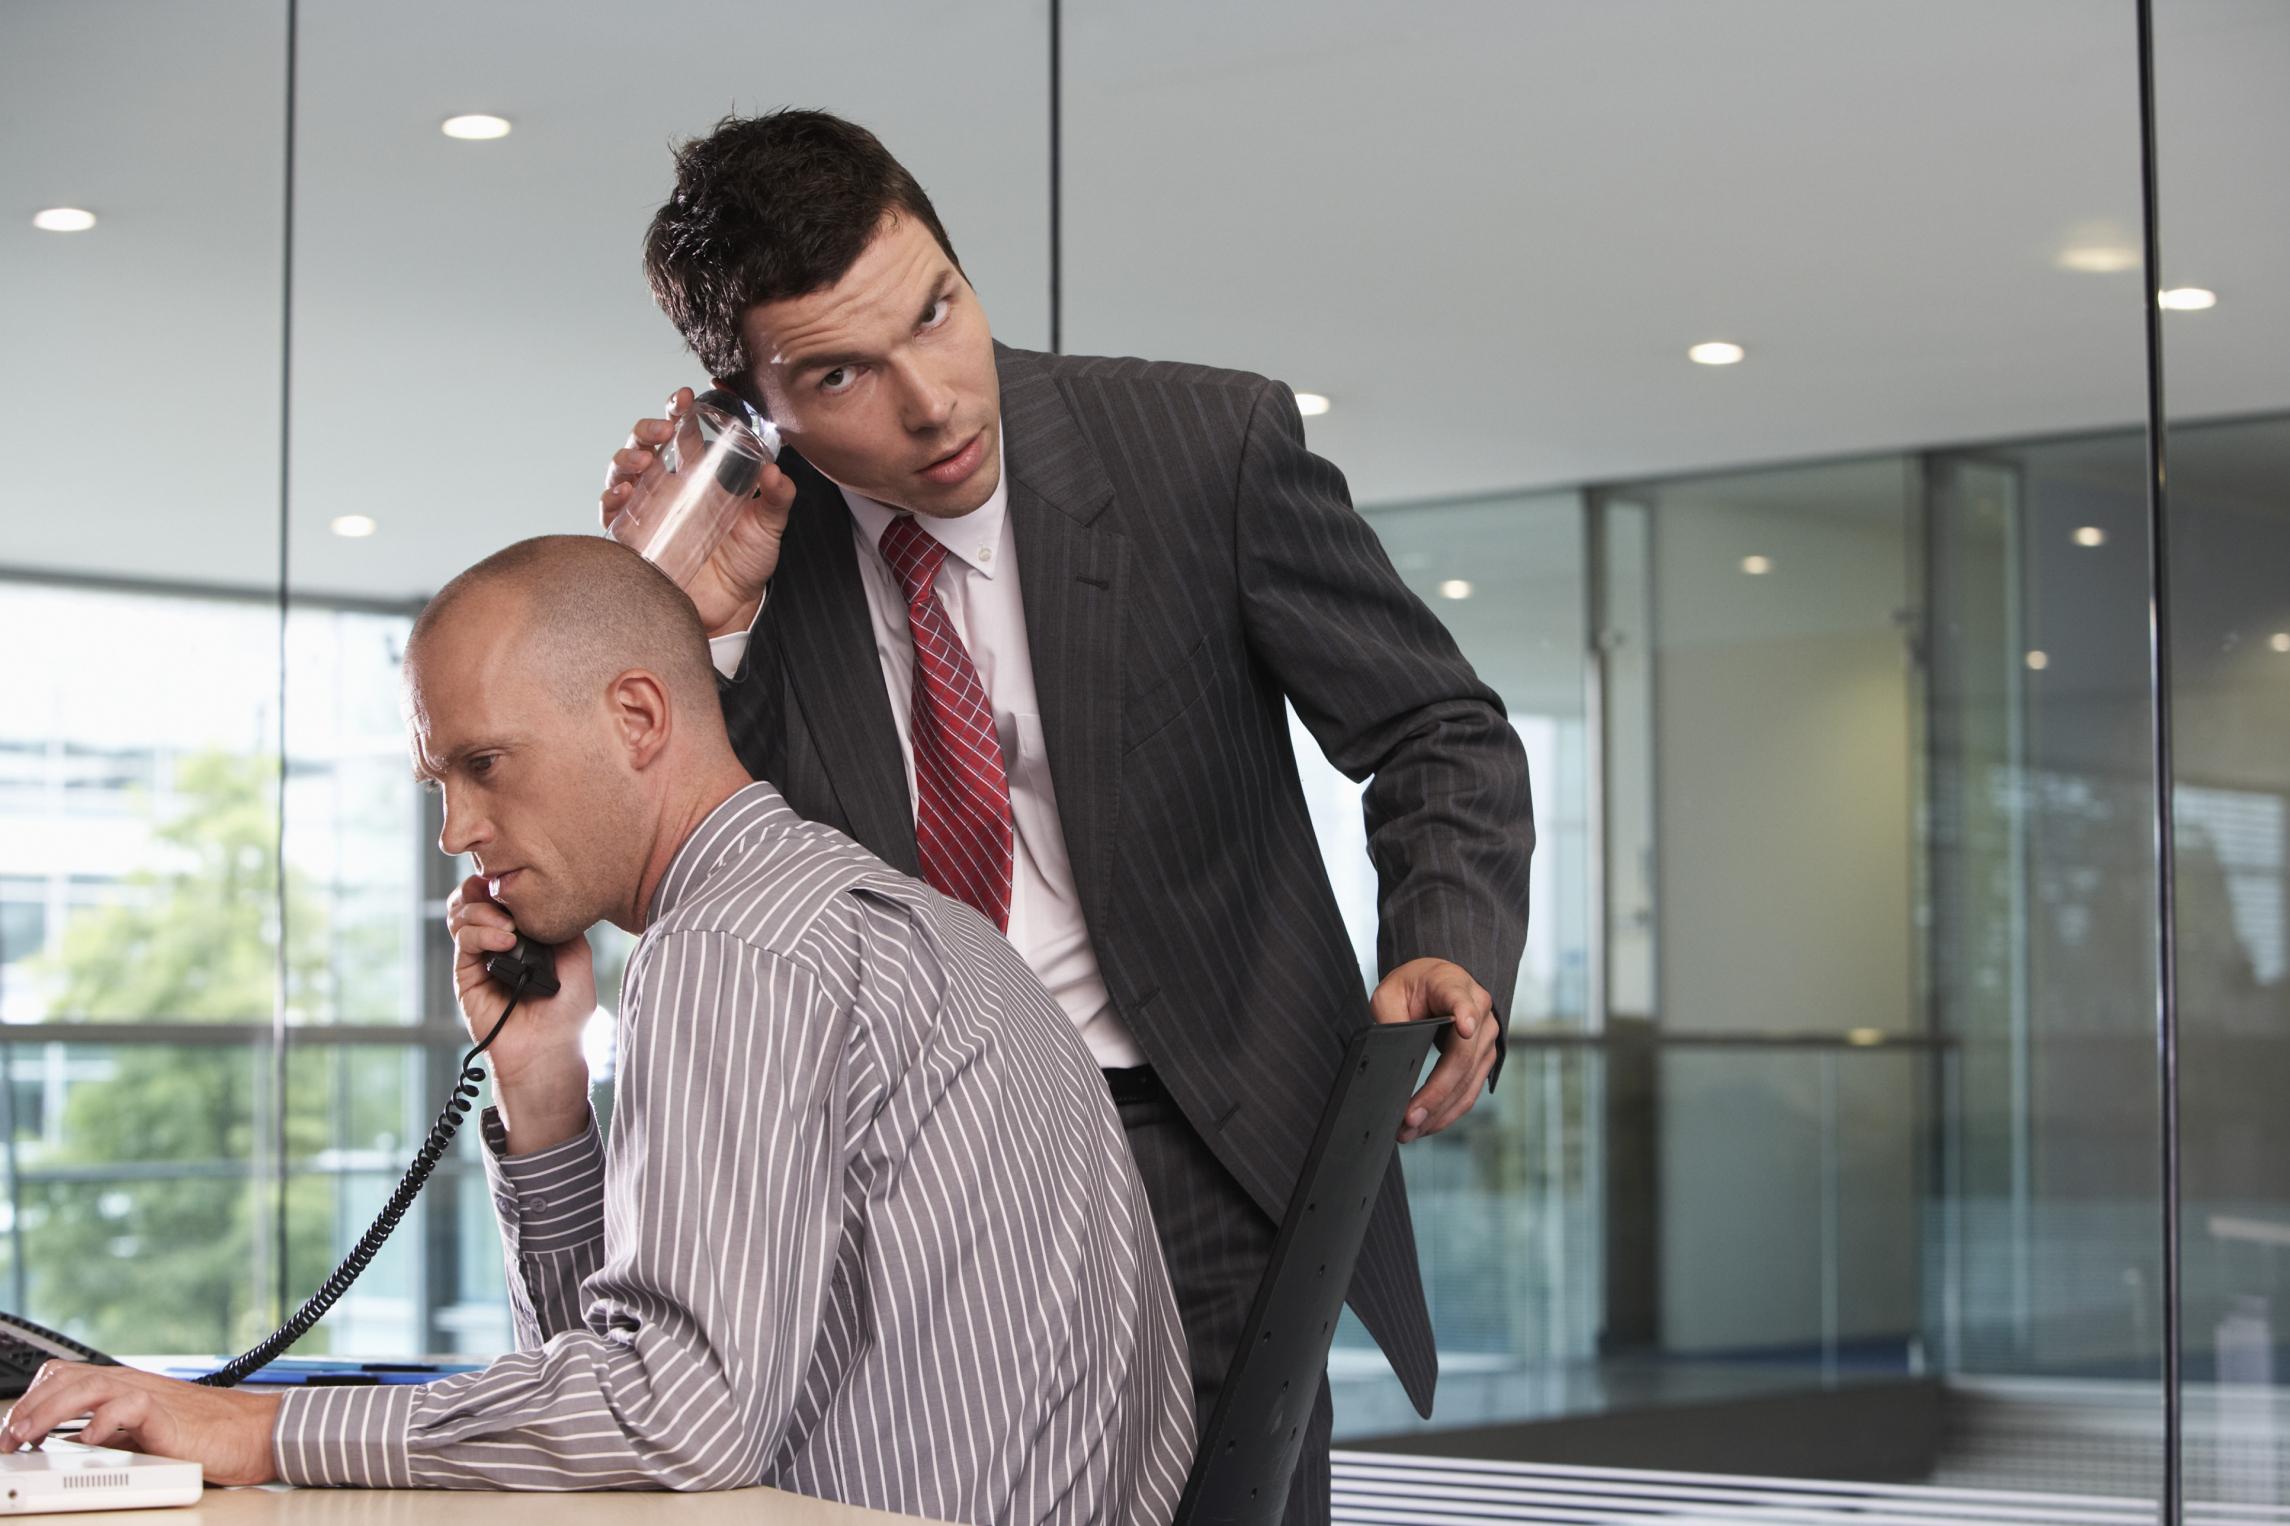 מי רשאי על פי חוק להאזין לשיחות טלפון